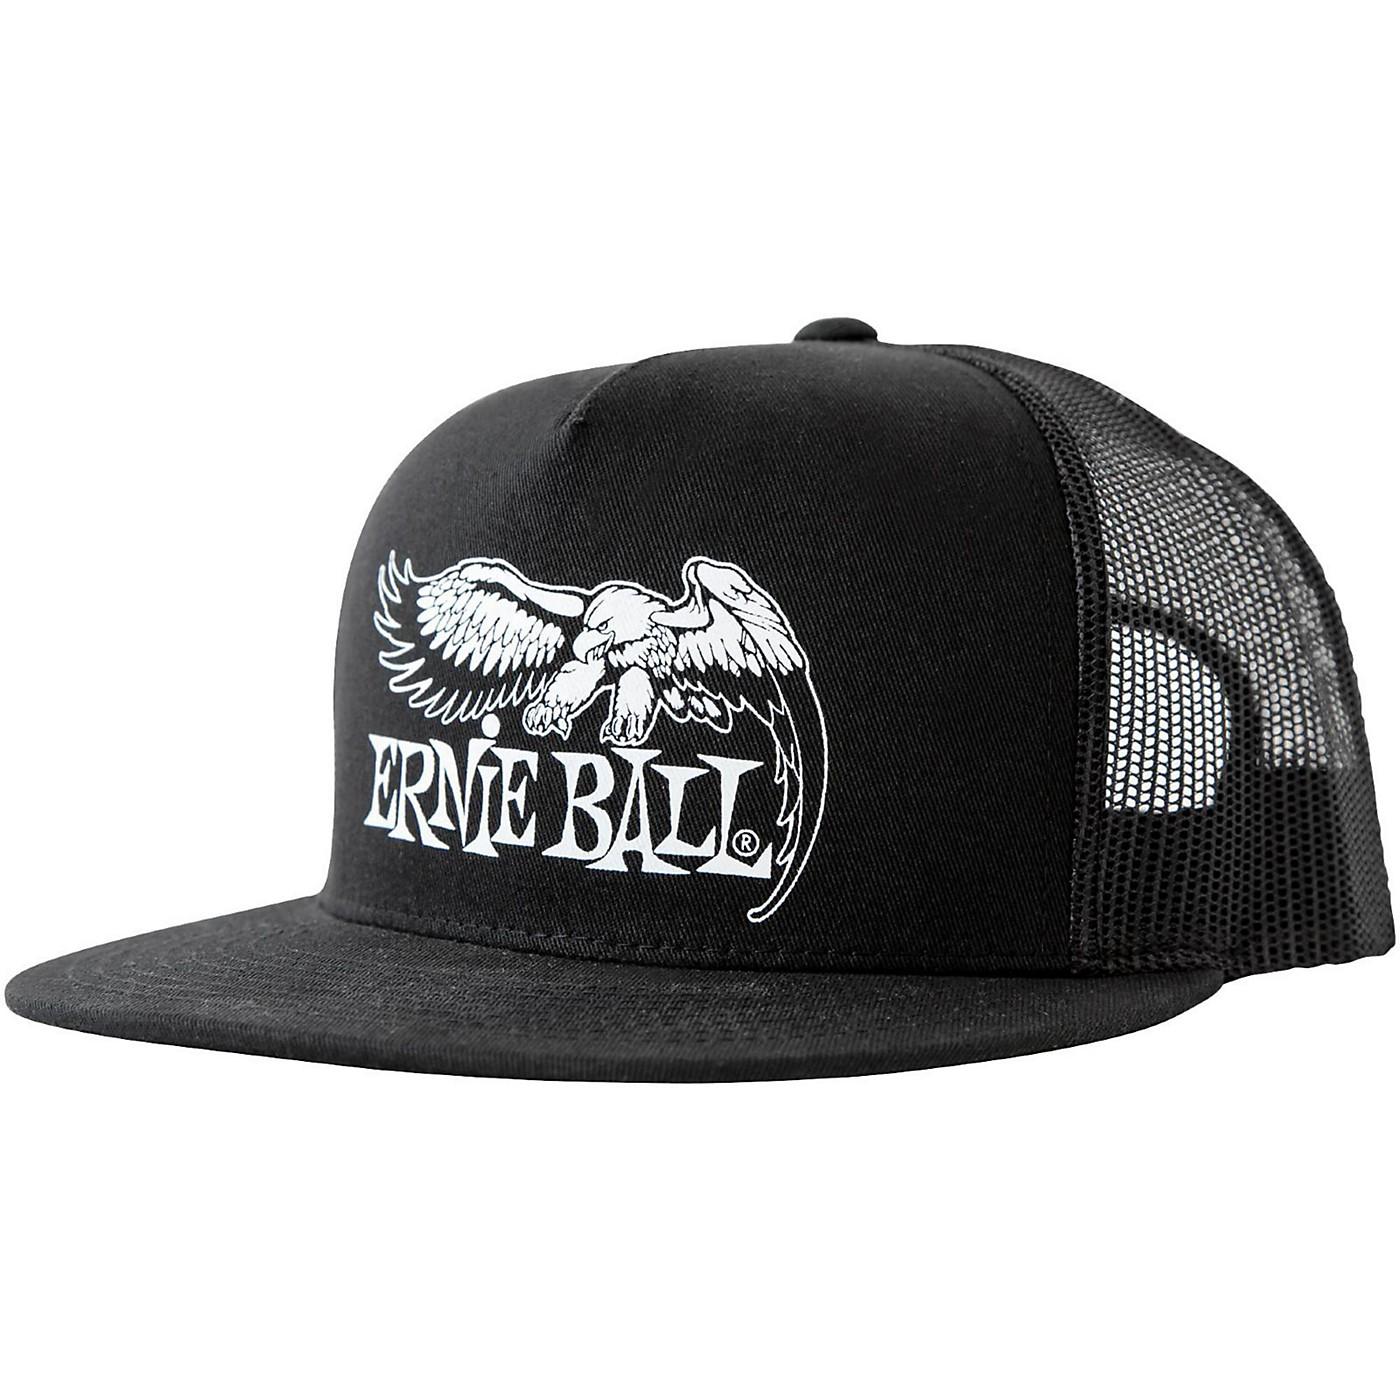 Ernie Ball Black Trucker Cap w/ Ernie Ball Eagle thumbnail